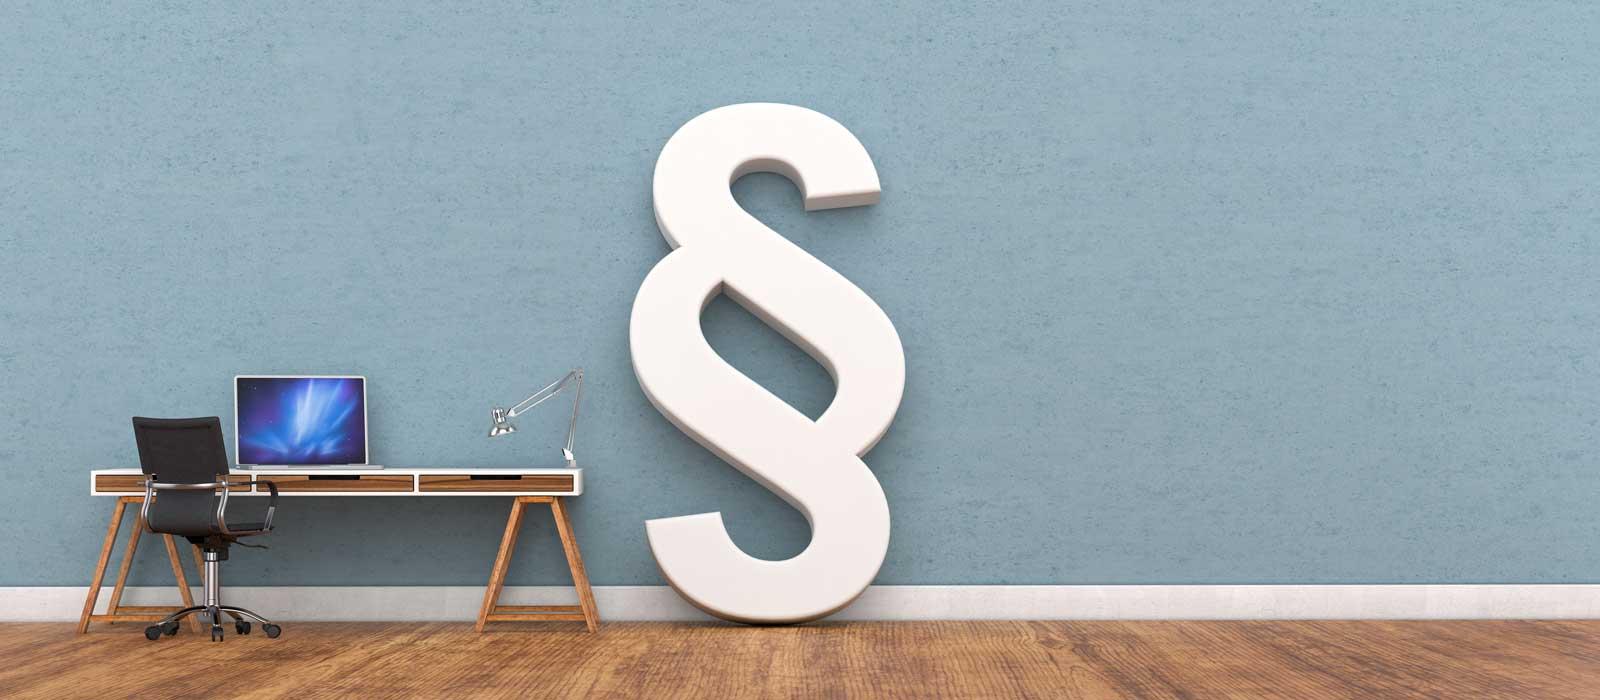 Symbolfoto zeigt ein Paragraphen-Symbol an einer Wand